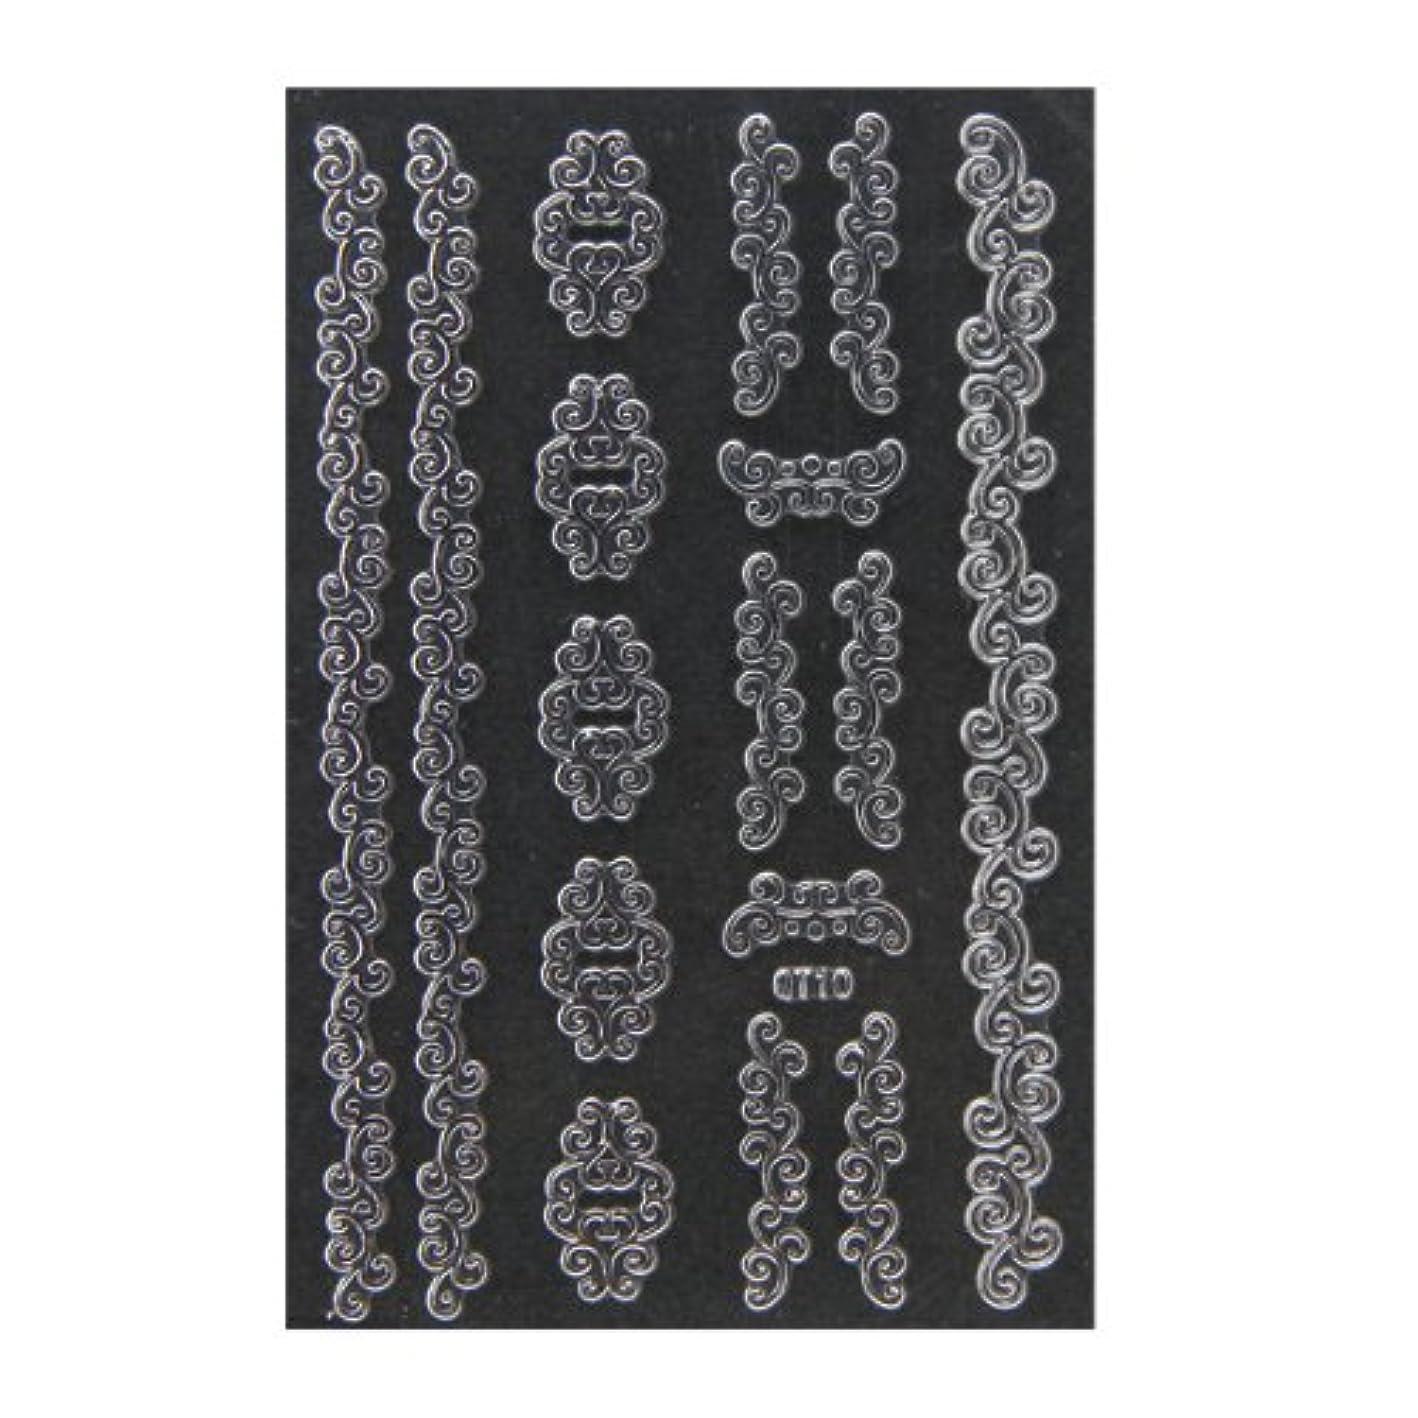 ネイルシール 3D ネイルシート ファッションネイル メタリックシール36 (ネイル用品)